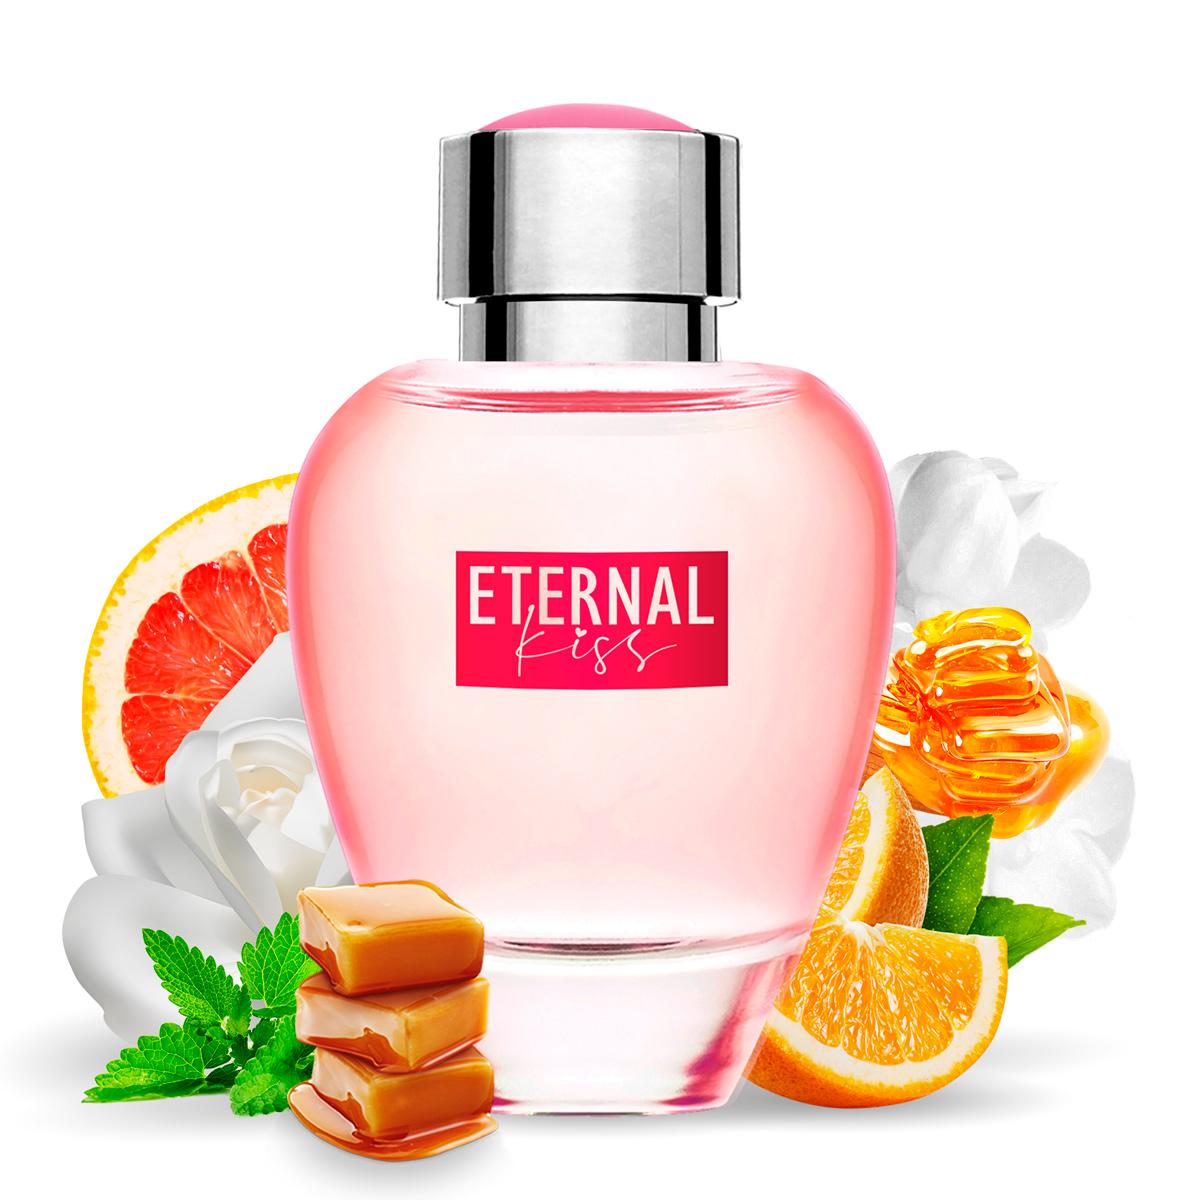 Kit 2 Perfumes Importados In Woman e Eternal Kiss La Rive